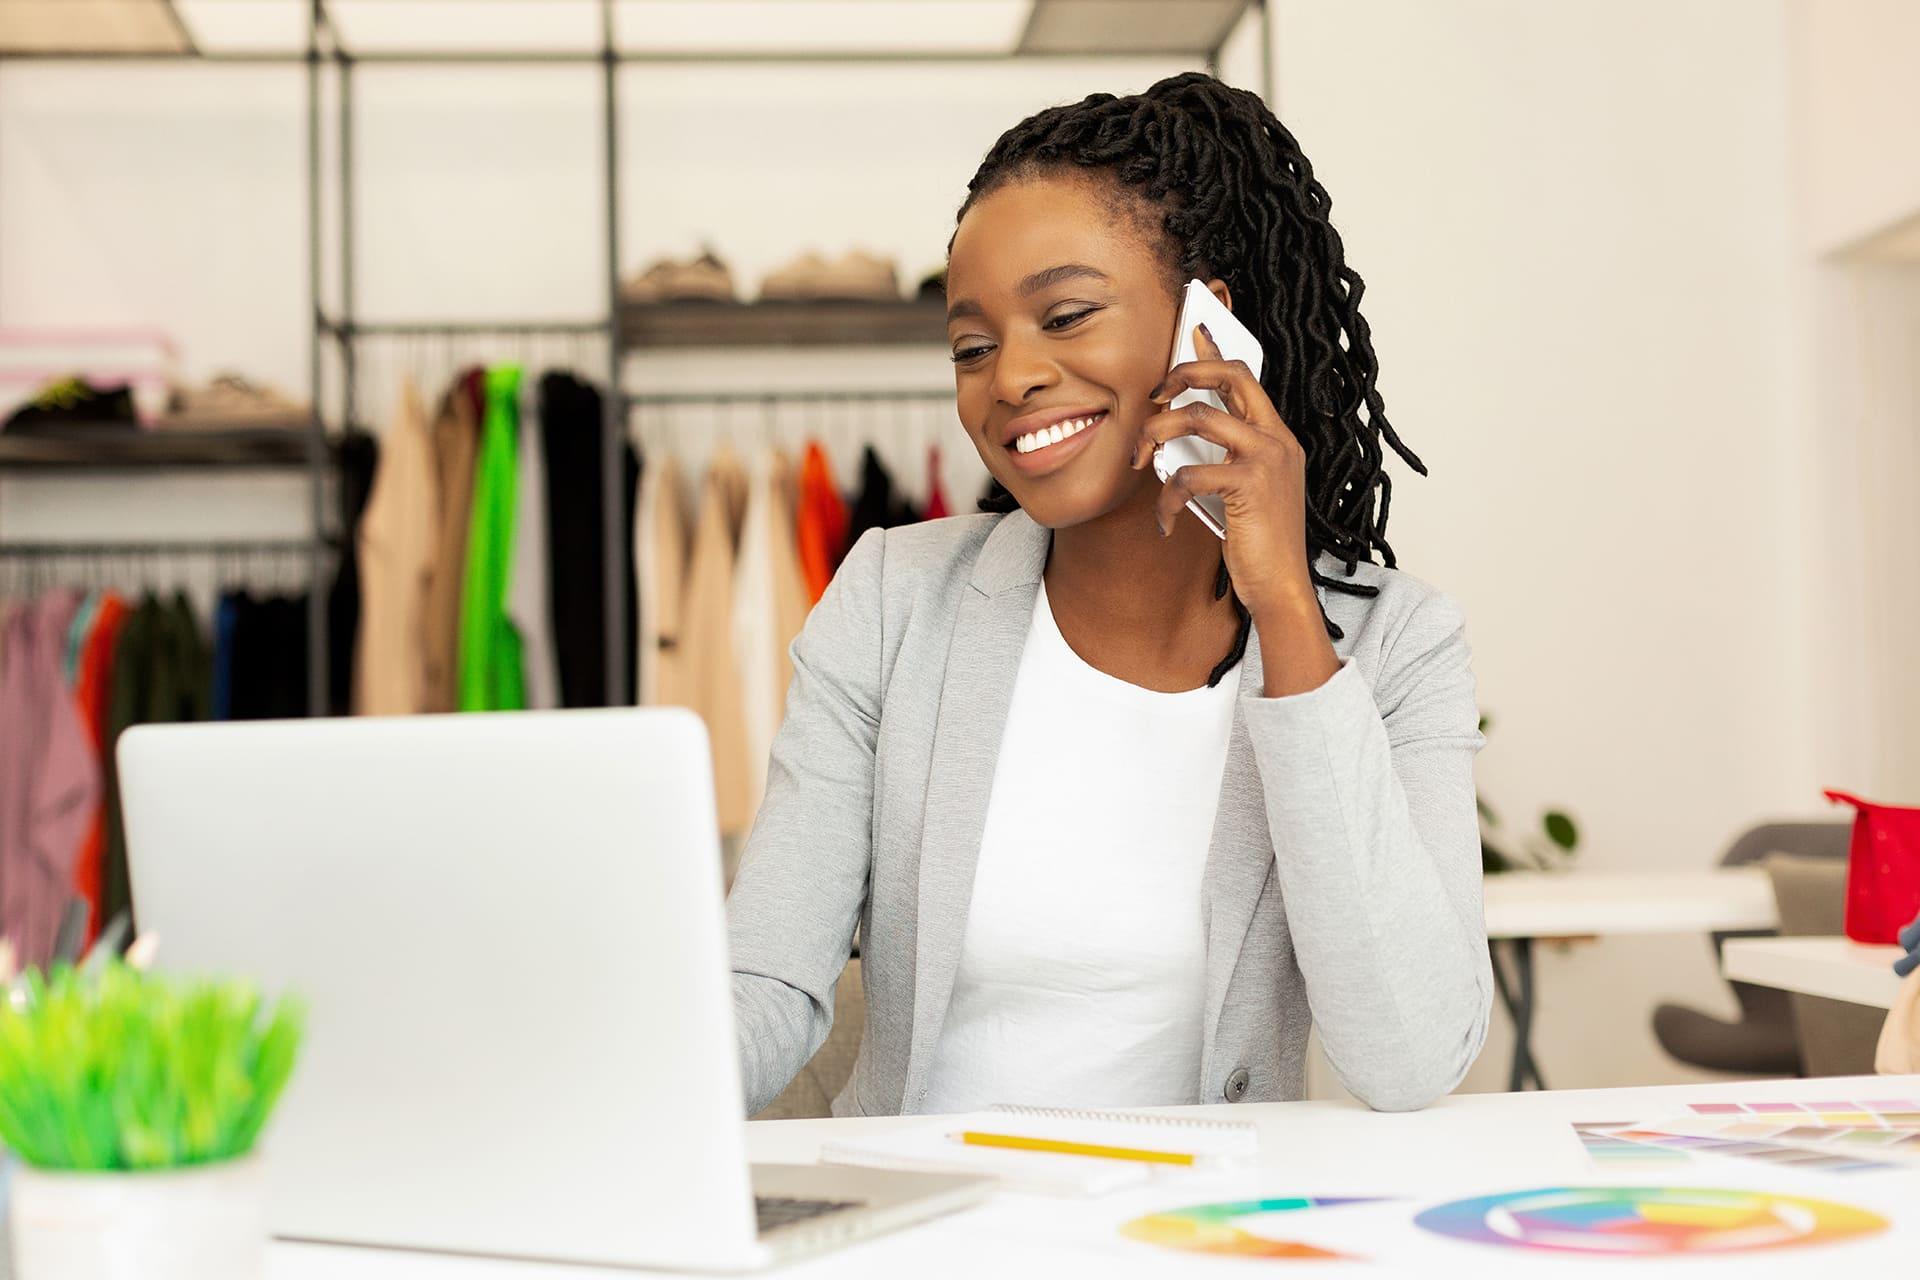 Vrouw met telefoon aan haar oor achter laptop